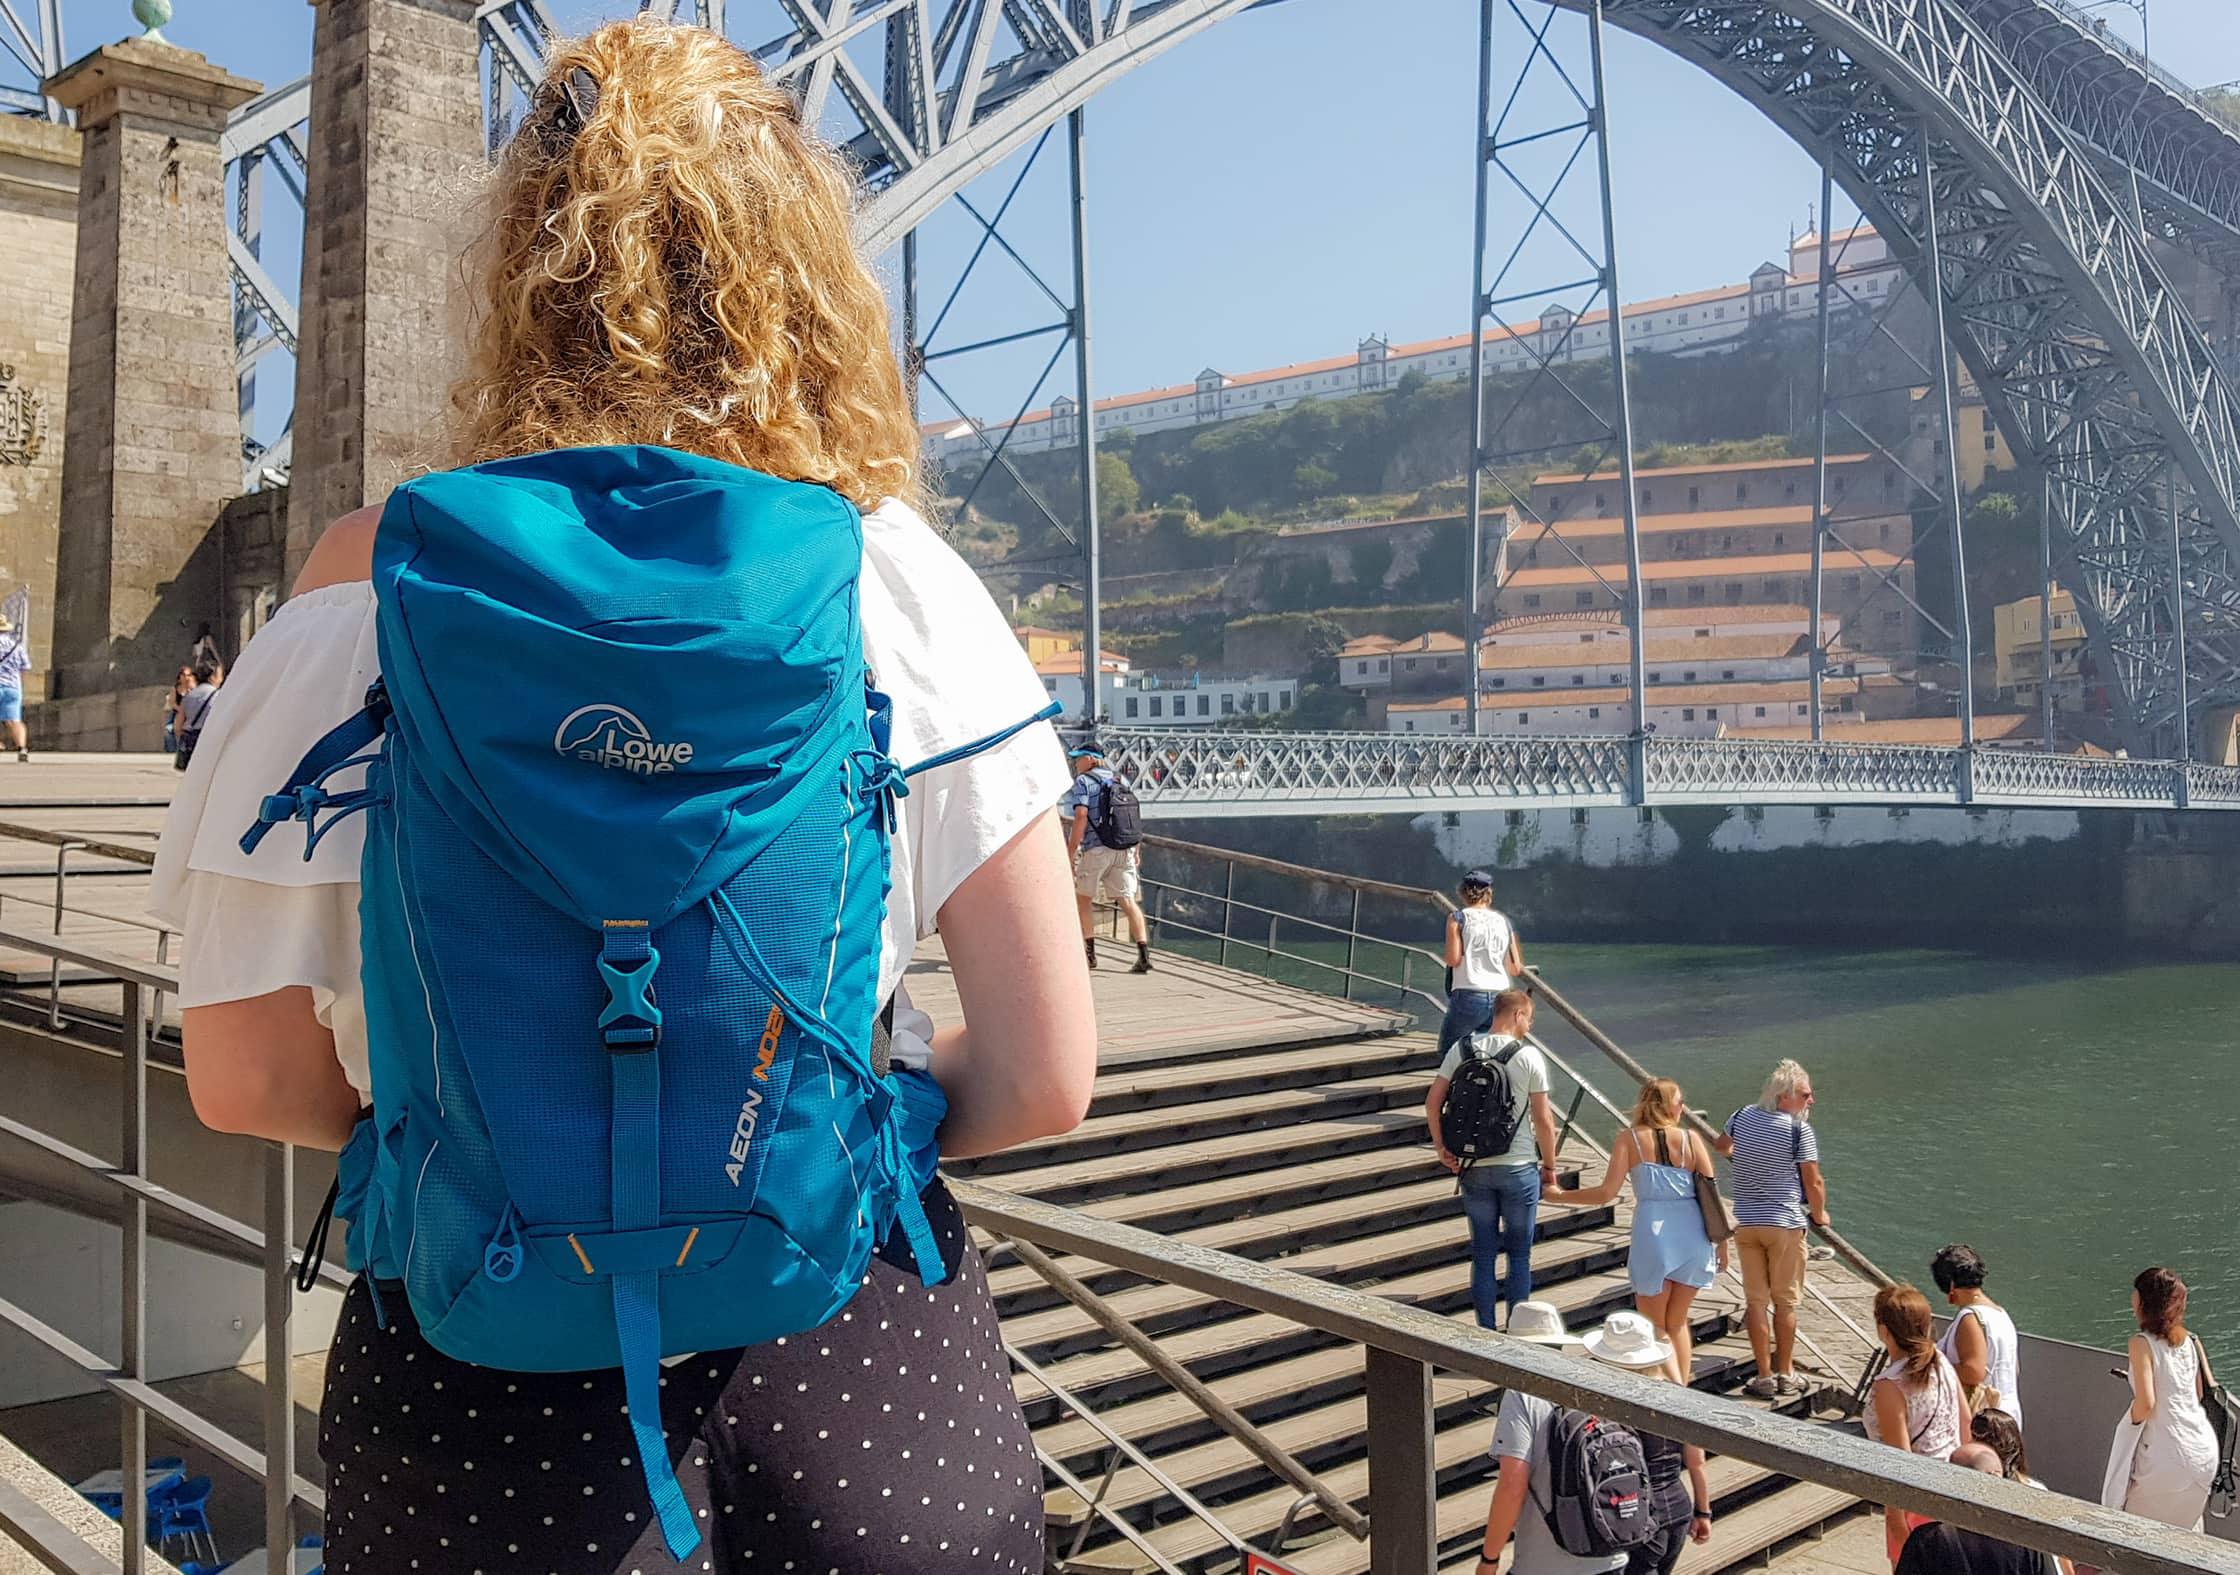 Lowe Alpine Aeon ND20 In Porto, Portugal 2